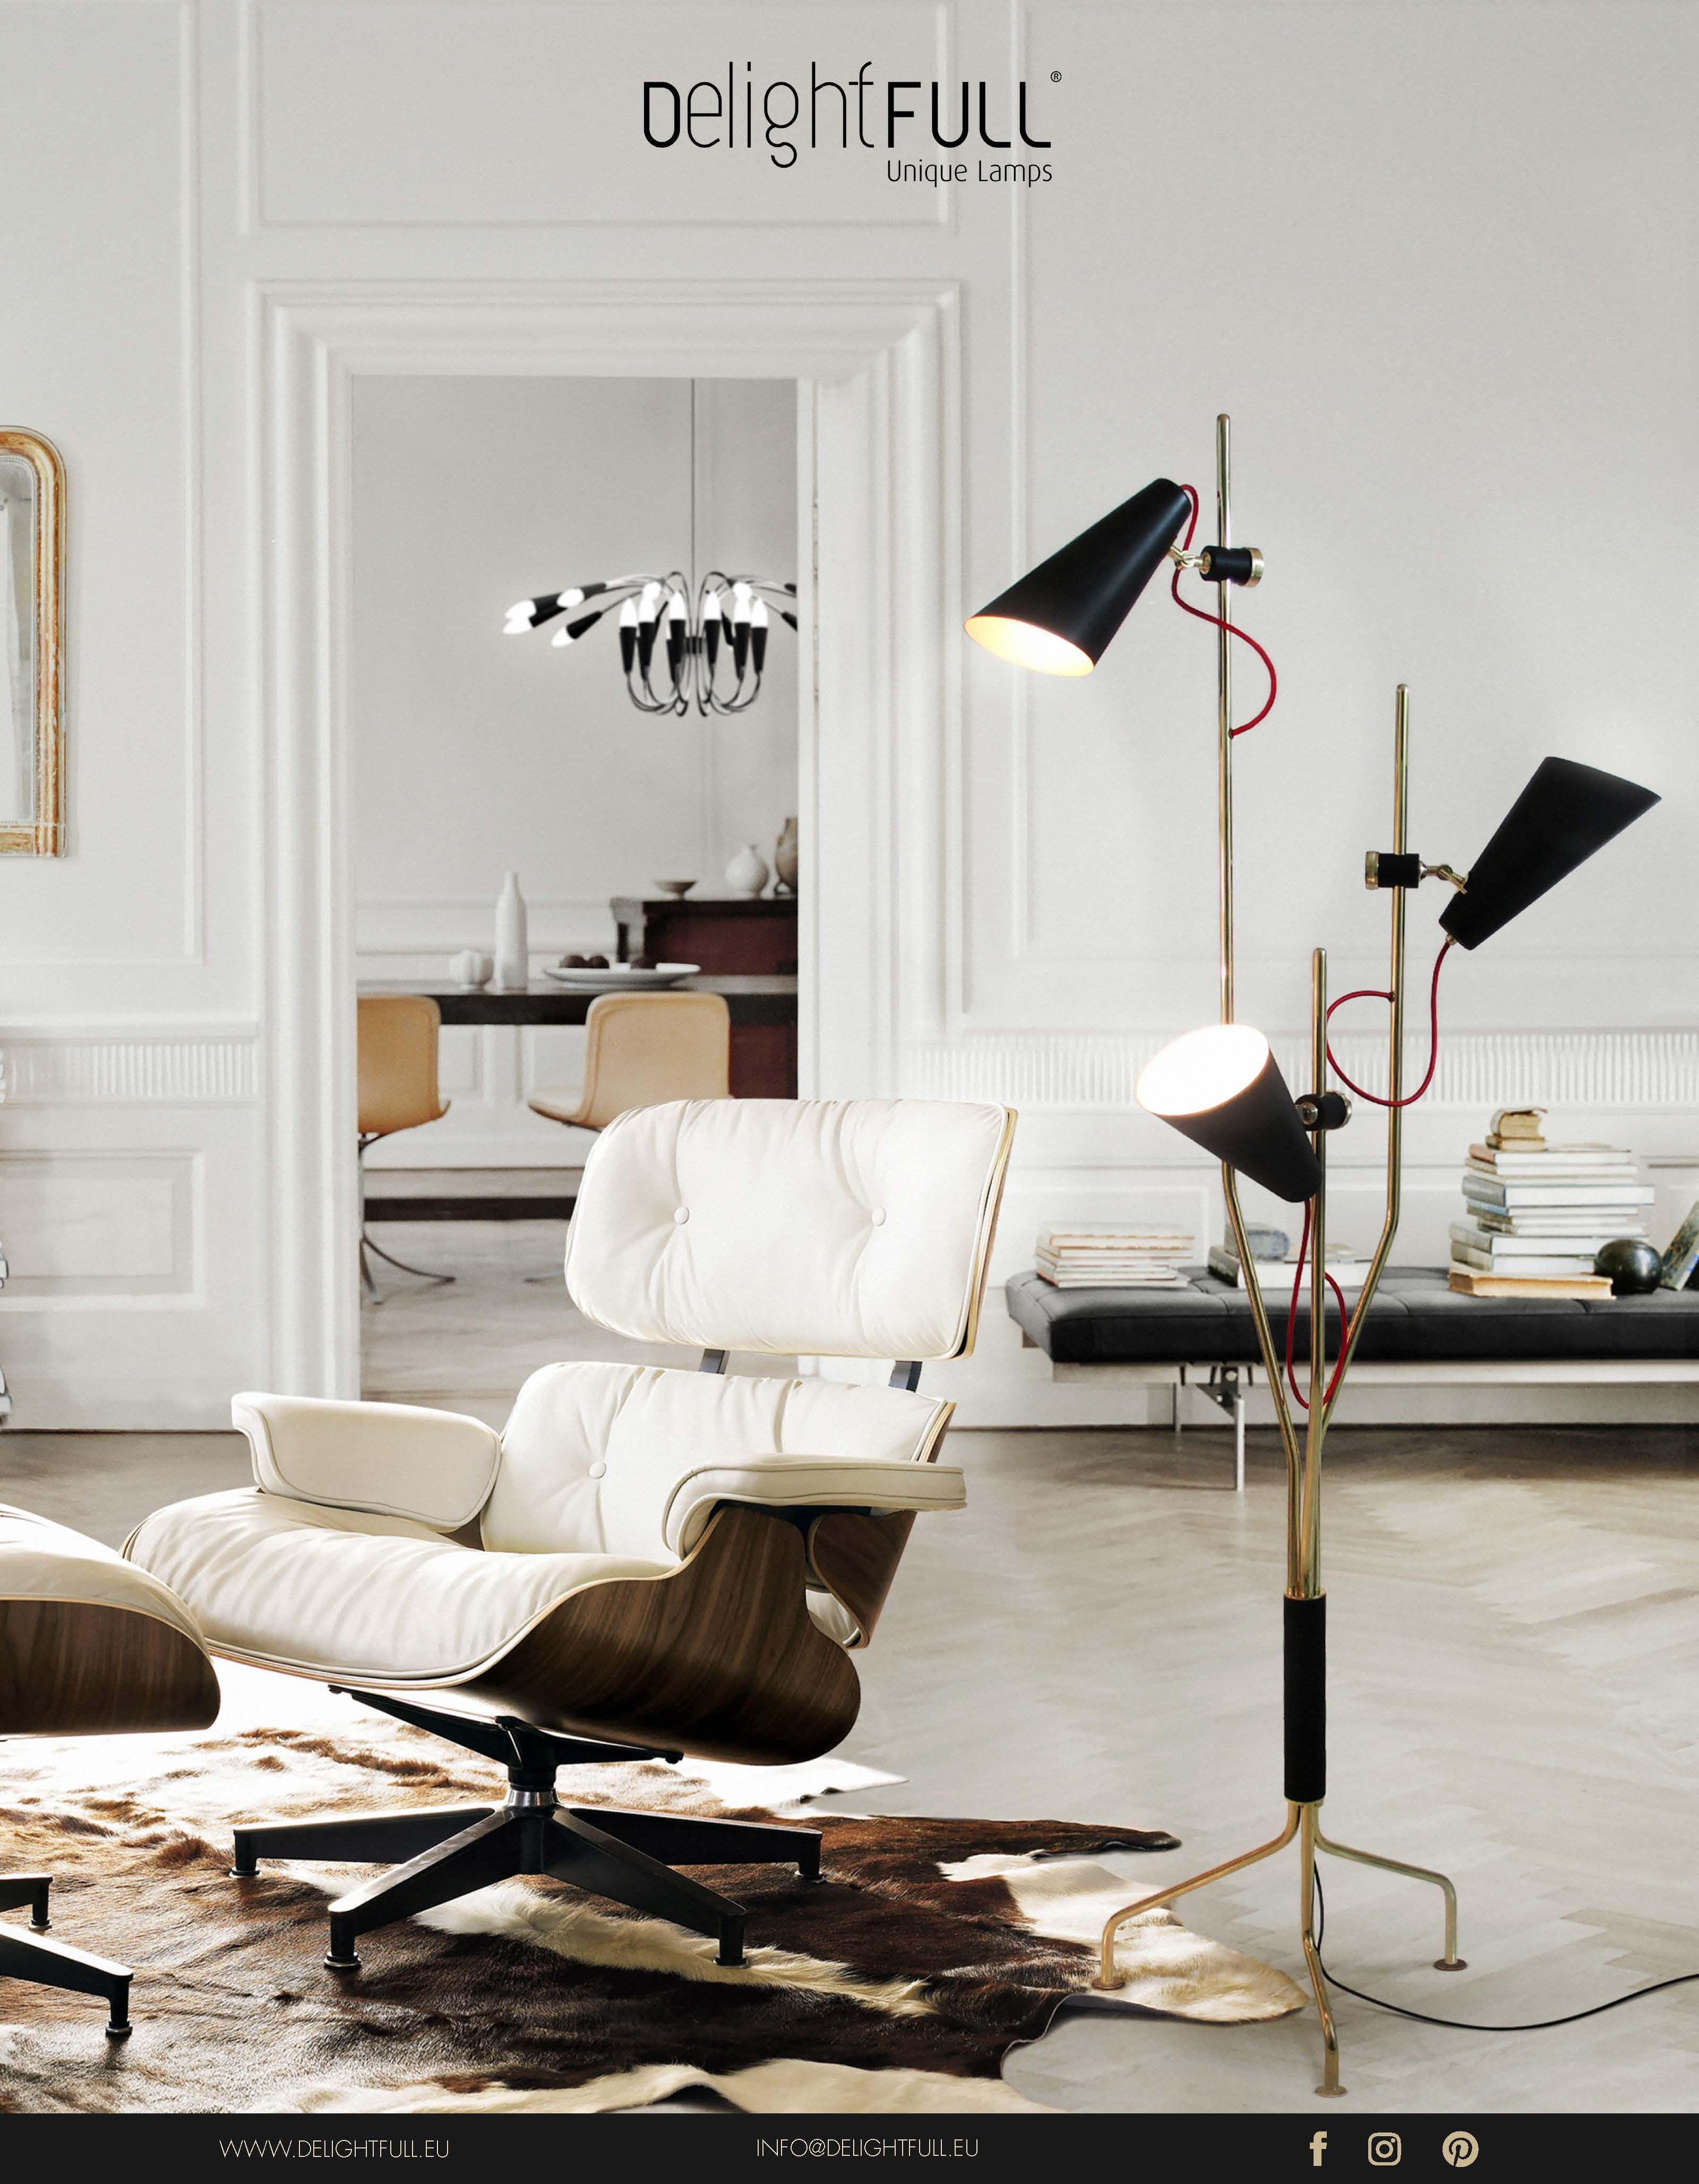 Elegantes wohndesign per la prossima edizione di maison et objet  i migliori